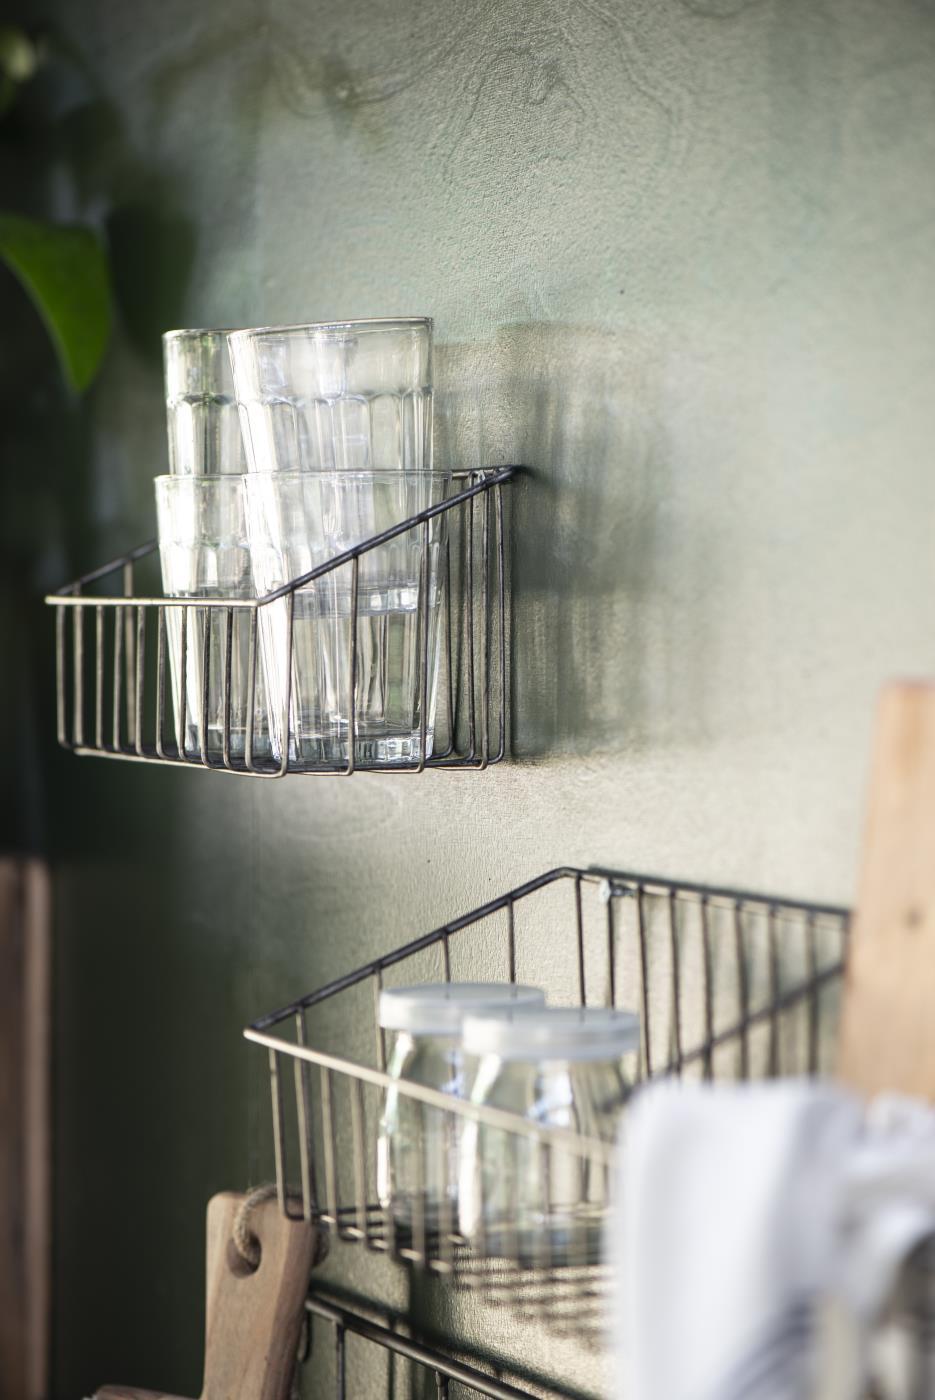 Dosen und Gläser, Bild 1